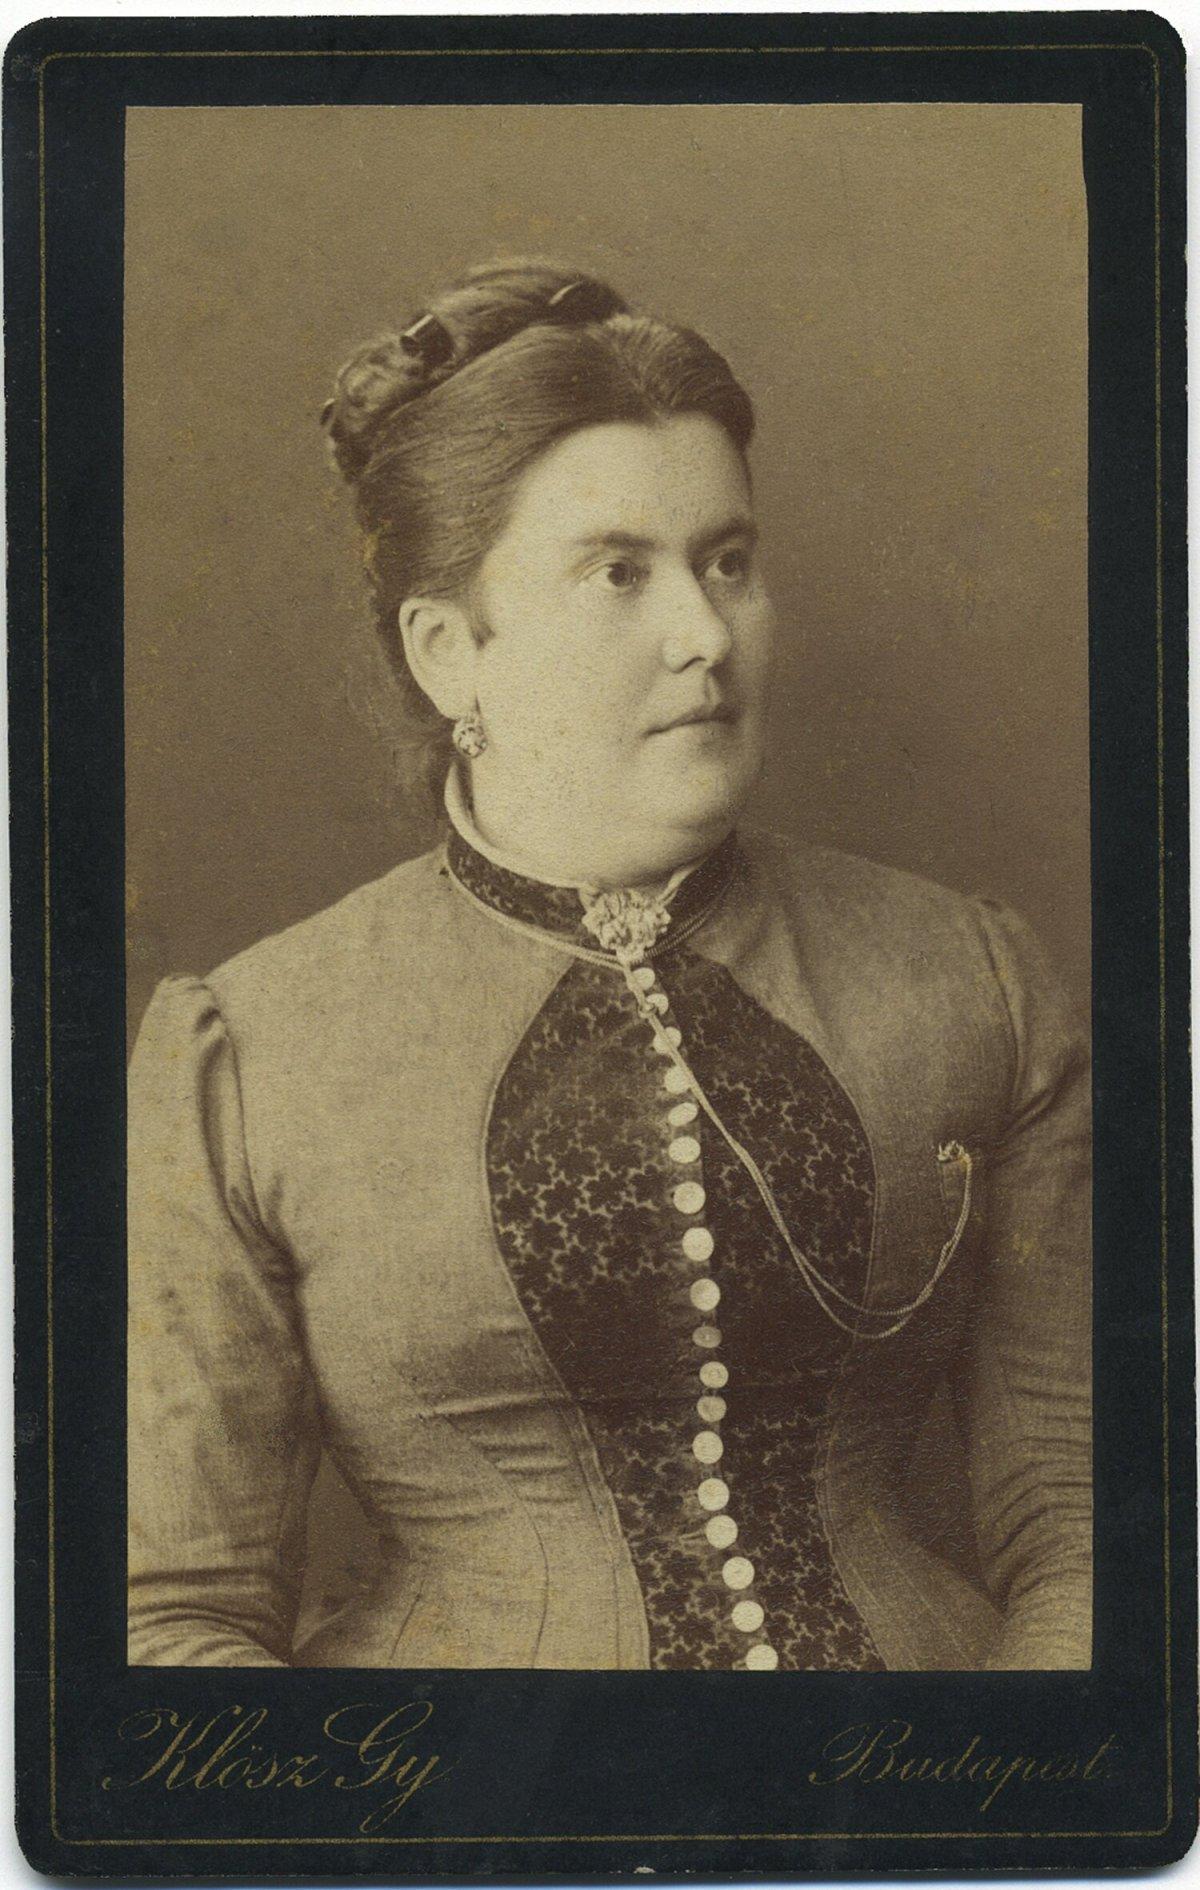 Az ükanya Solnai Mária, 1900 körül •  Fotó: Nagy Gyöngyvér személyes archívuma